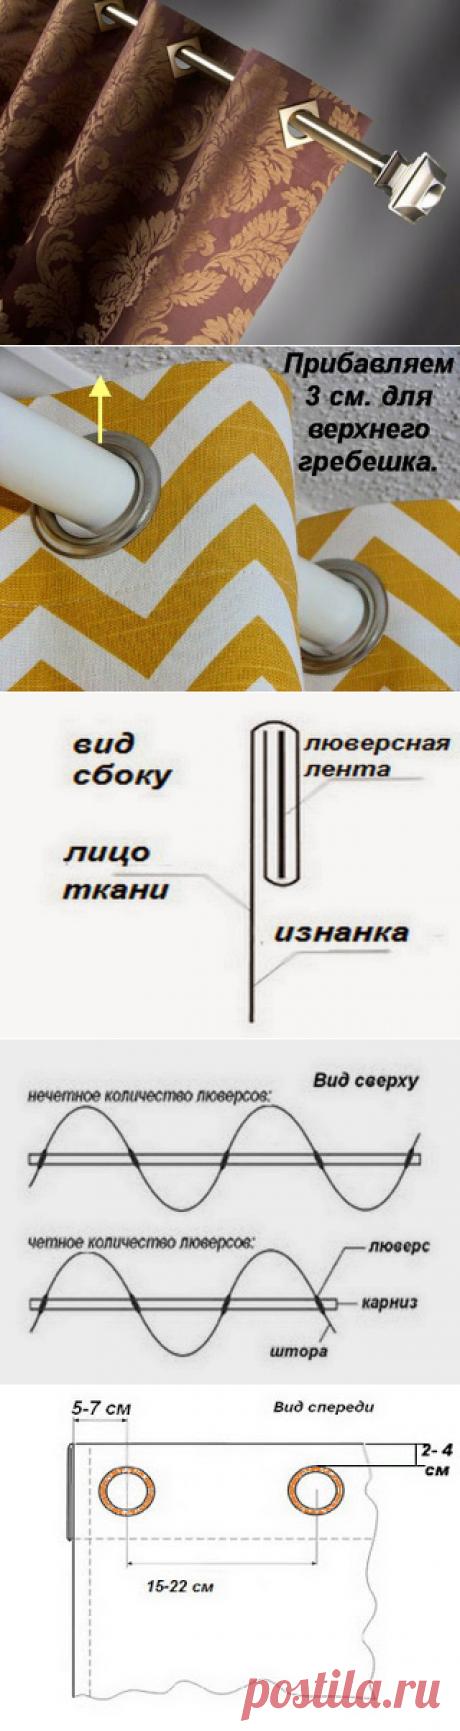 Шторы, пошив своими руками.: Расчет ткани для пошива штор на люверсах.